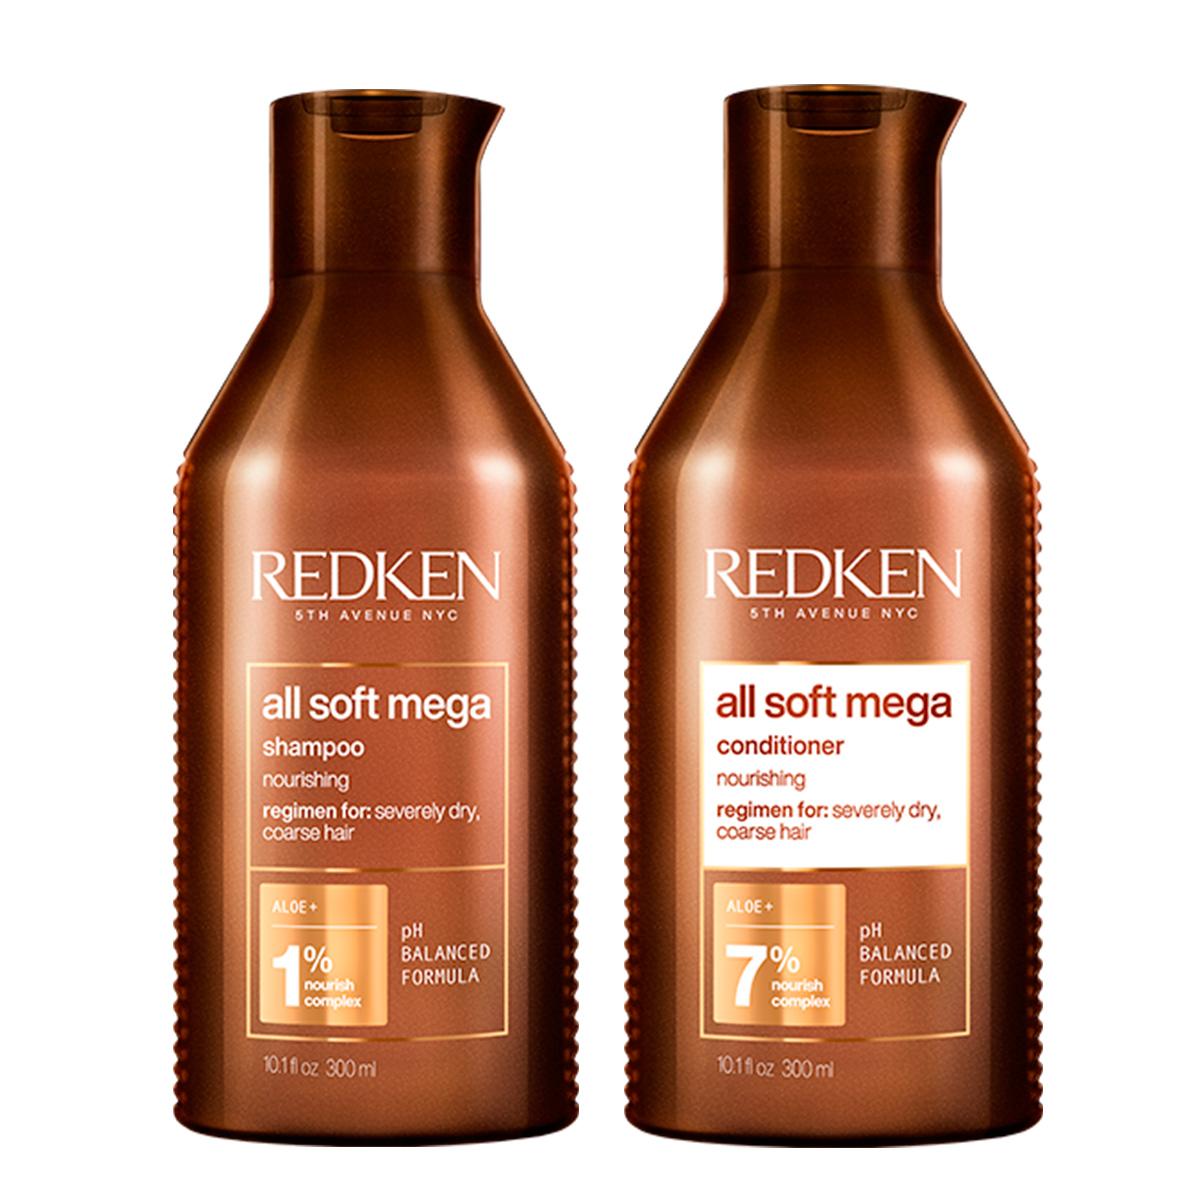 Купить Redken Набор для очень сухих и ломких волос: Шампунь 300 мл + Кондиционер 300 мл (Redken, Уход за волосами), США